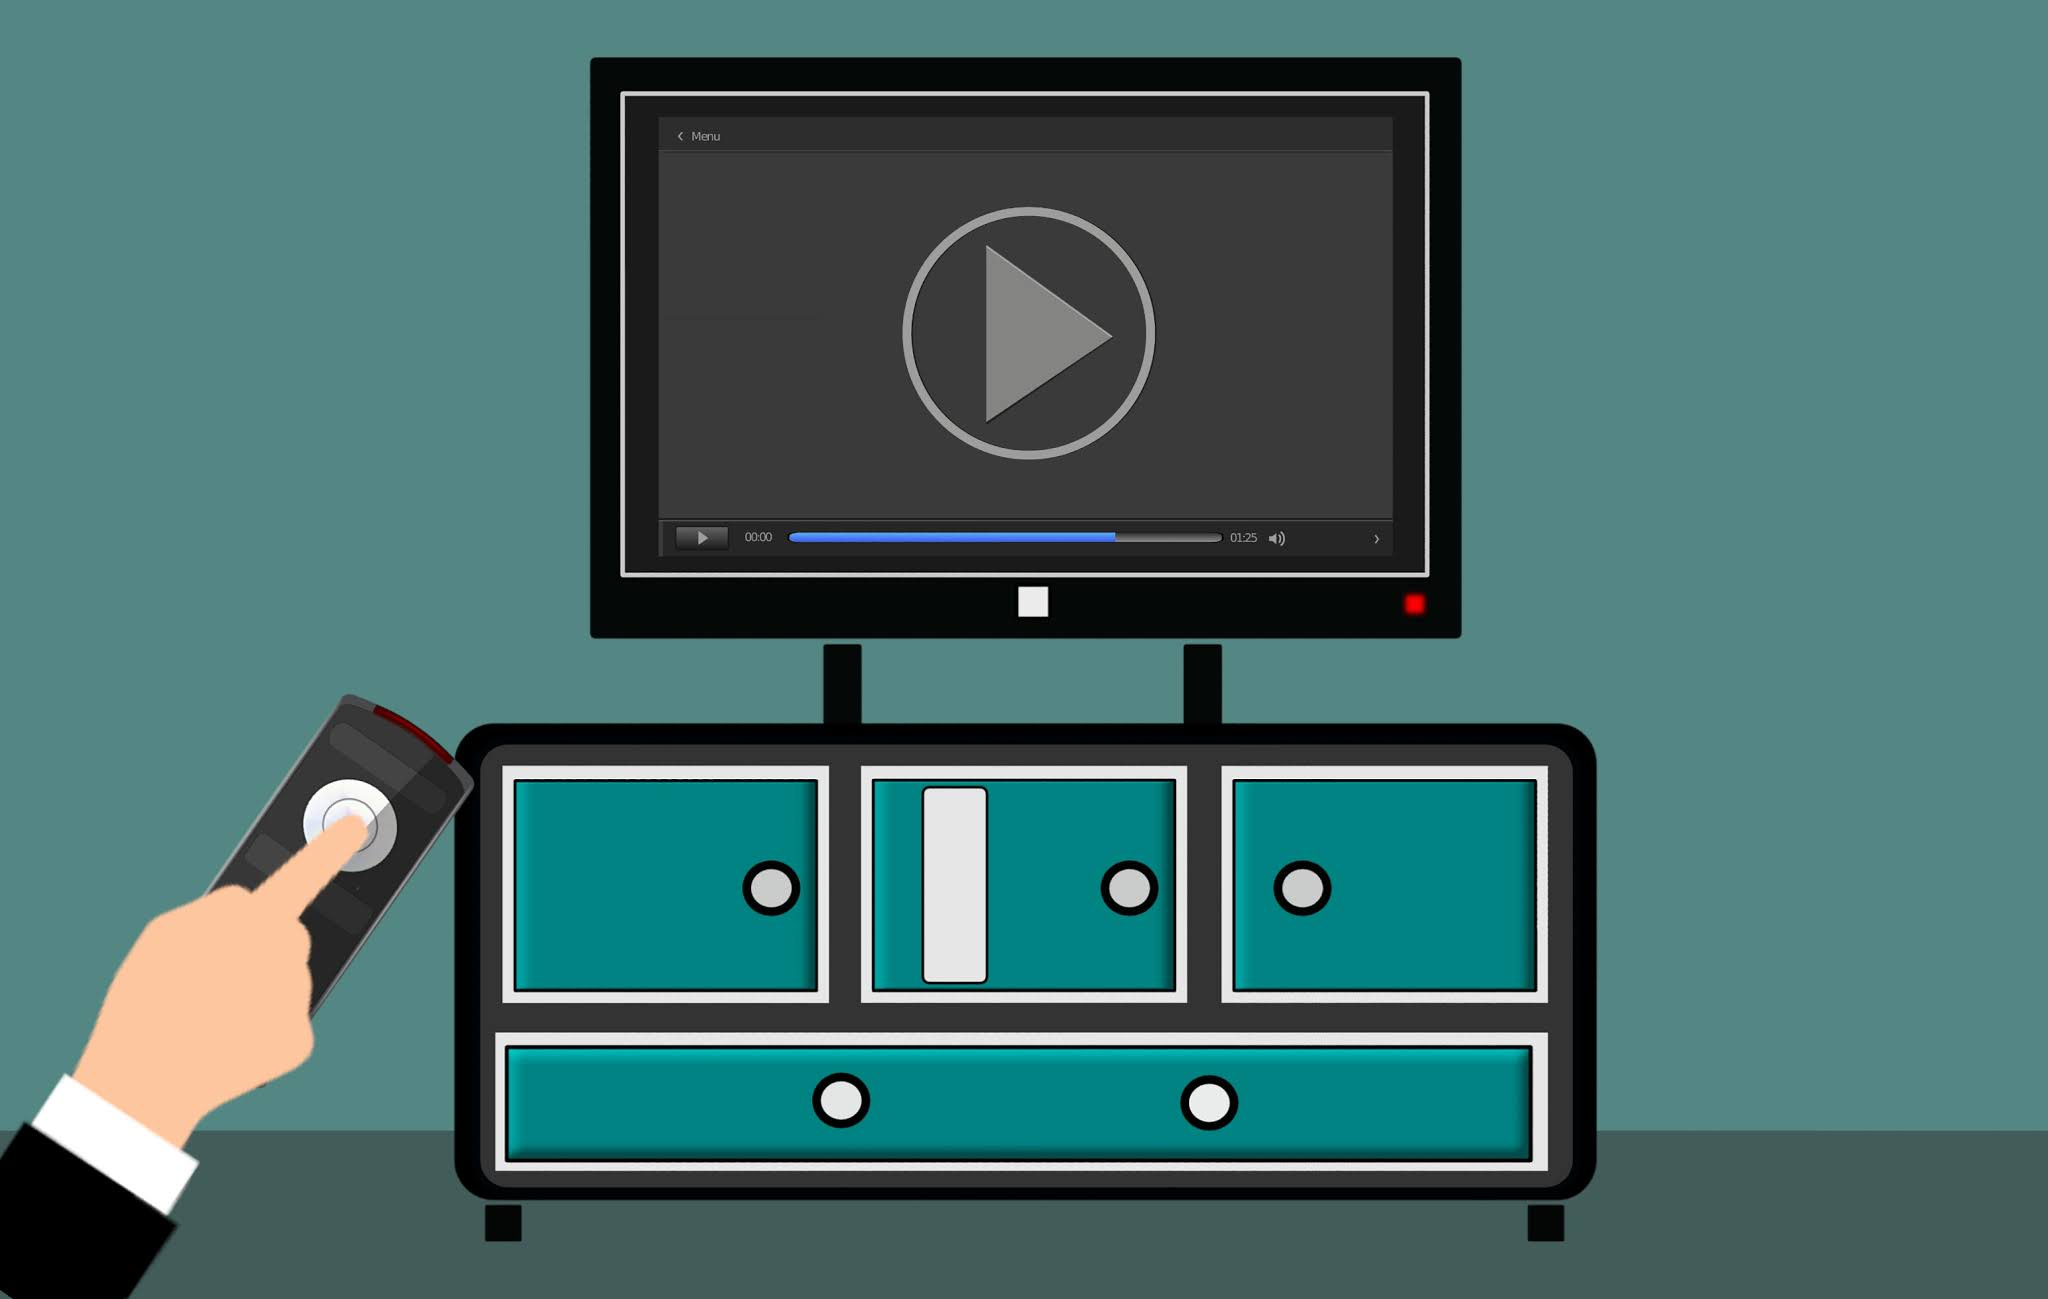 Wajib Tahu! 4 Kelebihan dan Kekurangan Android TV Box